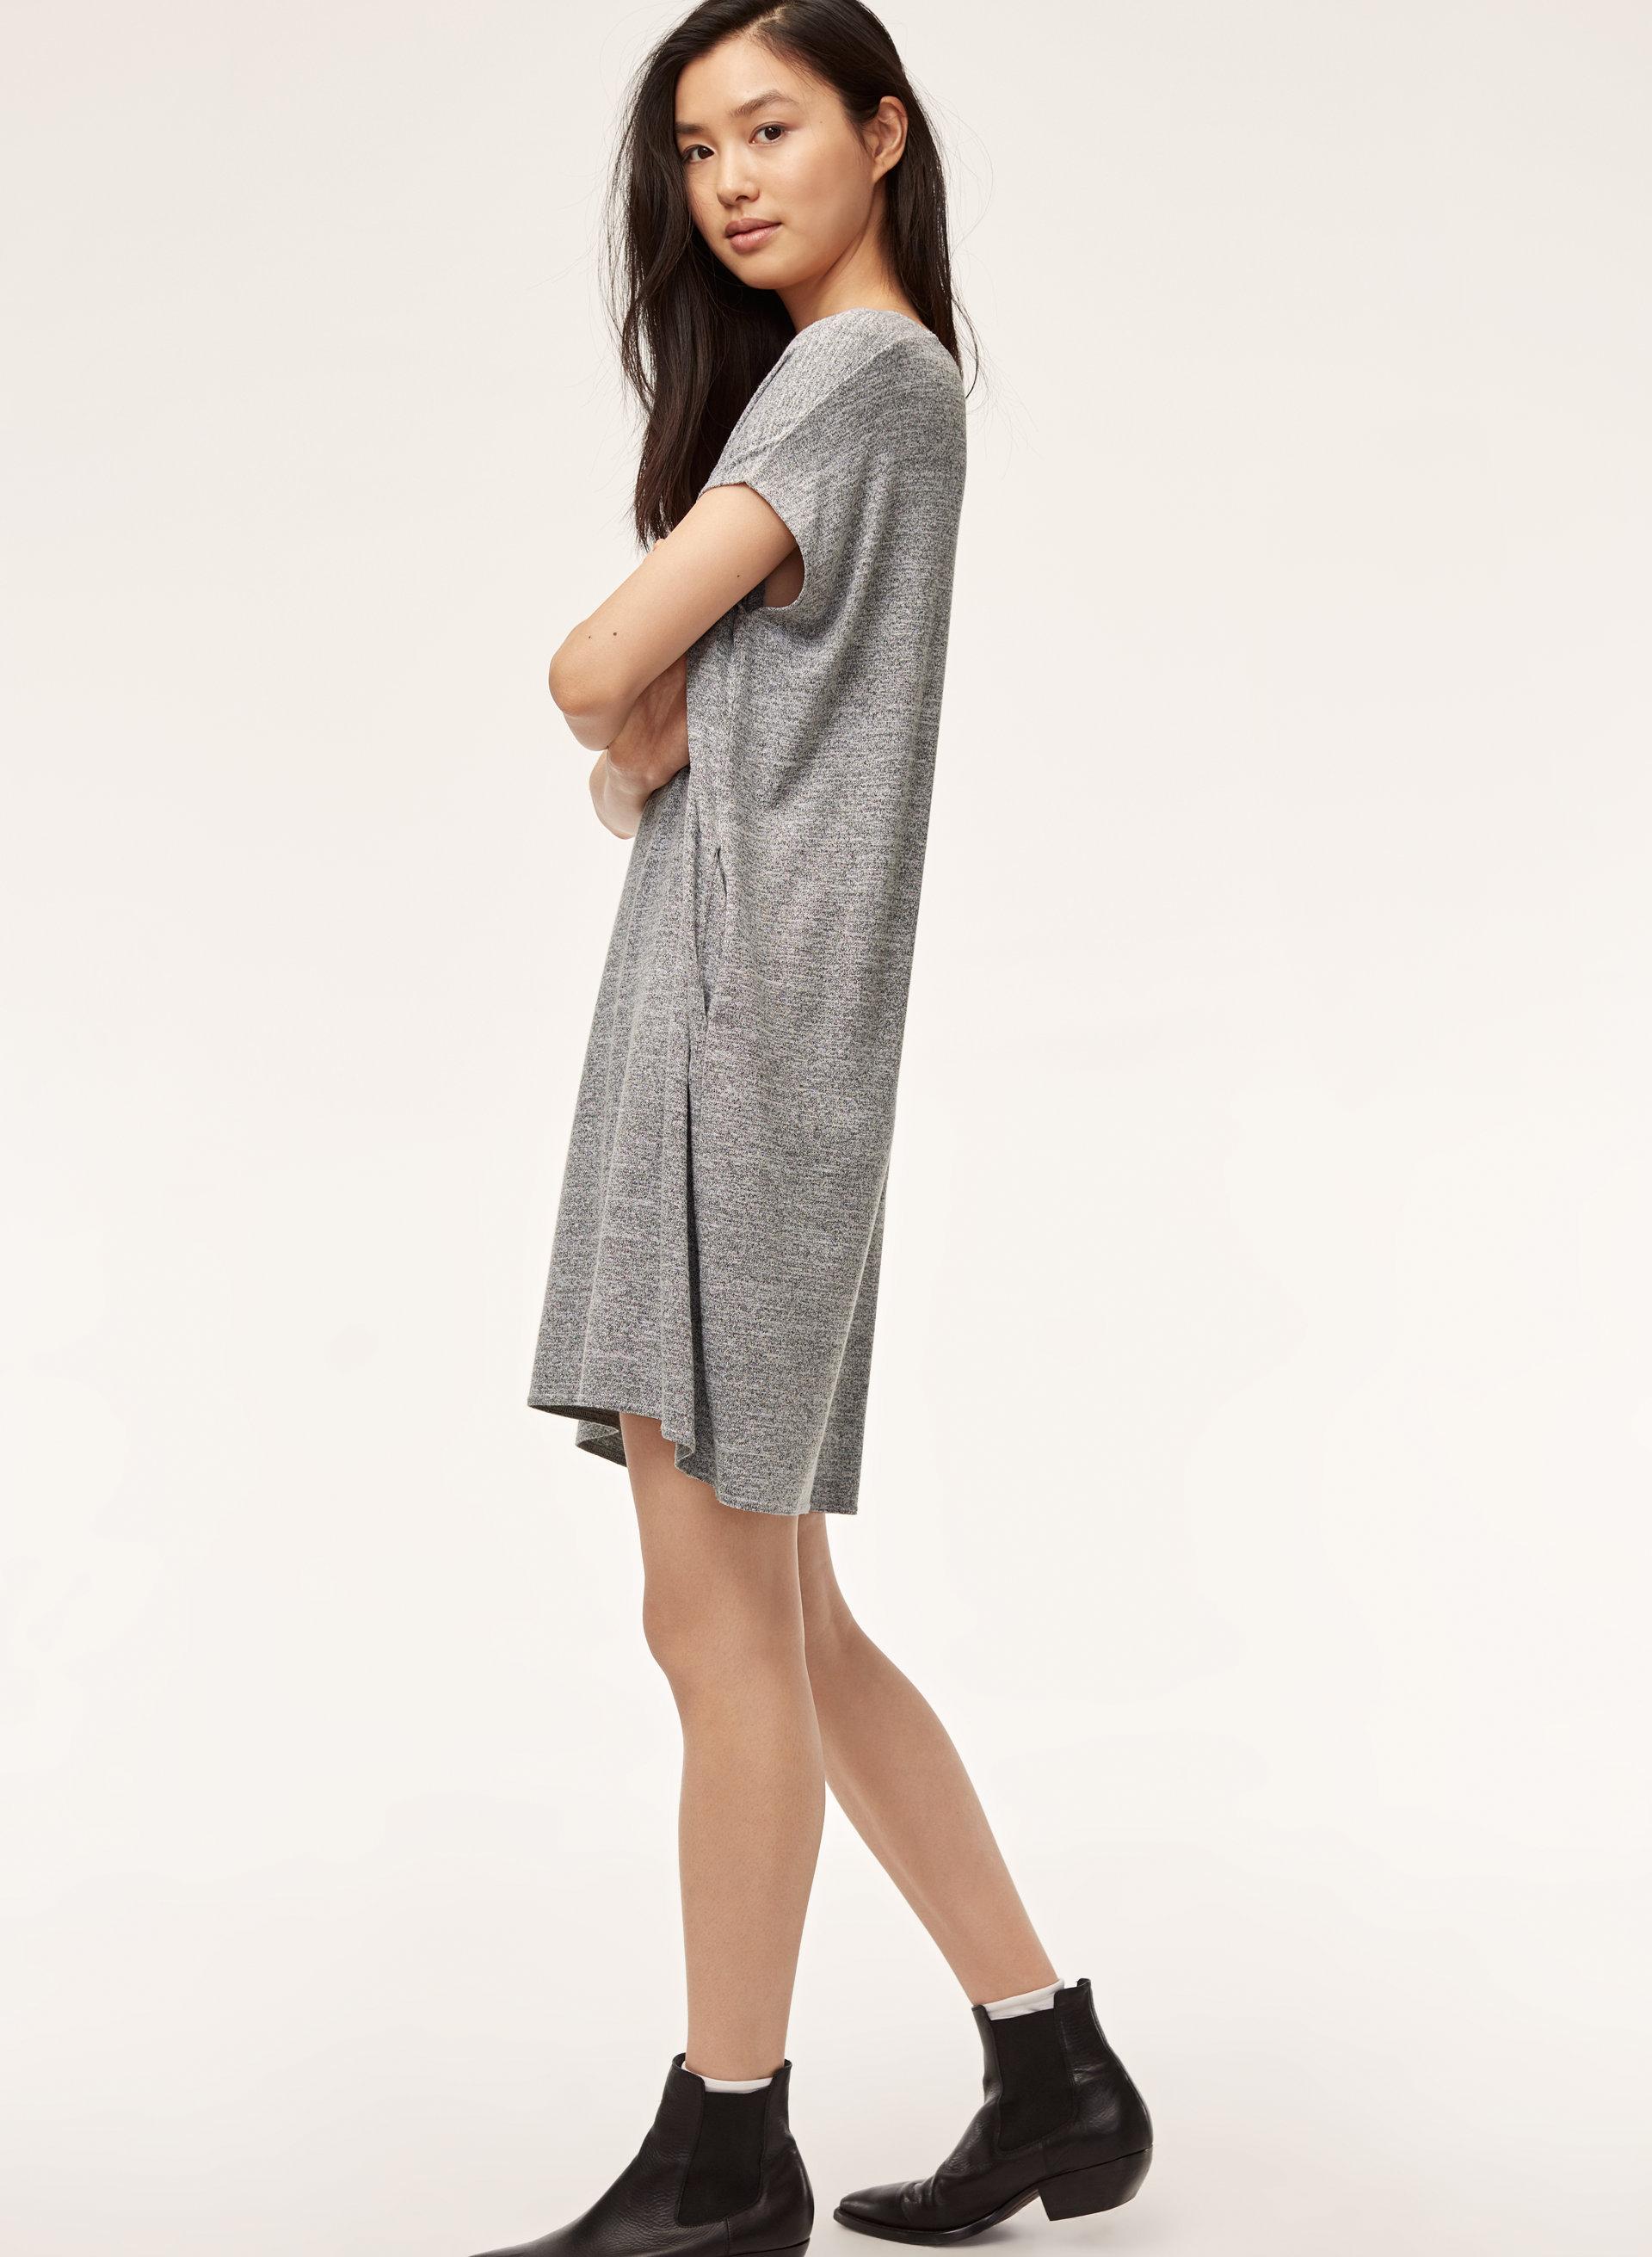 7a445ec52a8d LORELEI DRESS - Relaxed, jersey, t-shirt dress